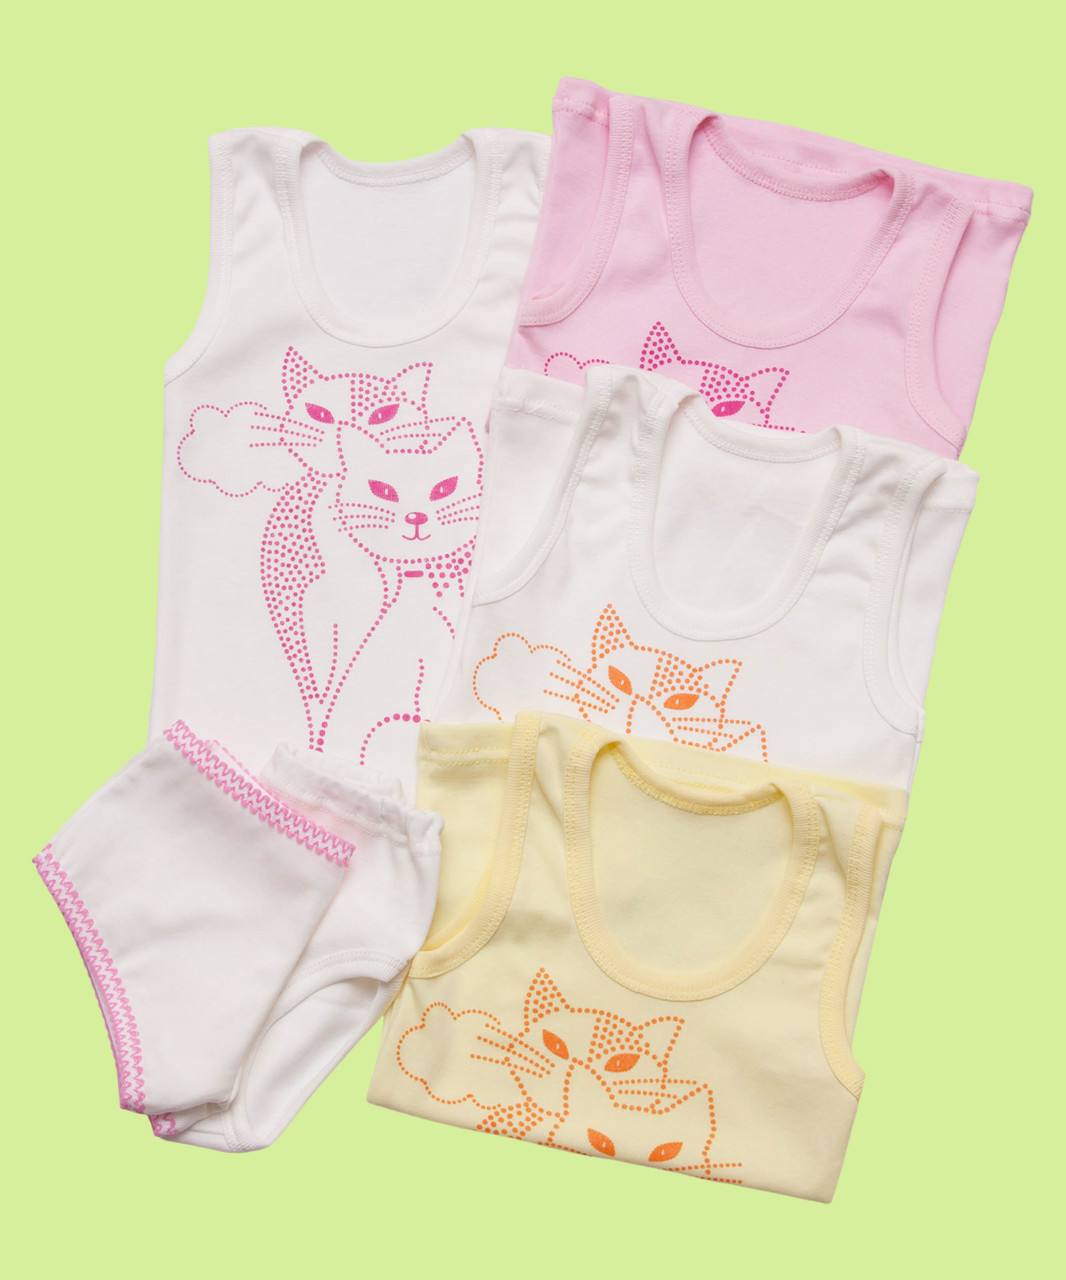 Комплект нижнего белья для девочки тройка, фото 1